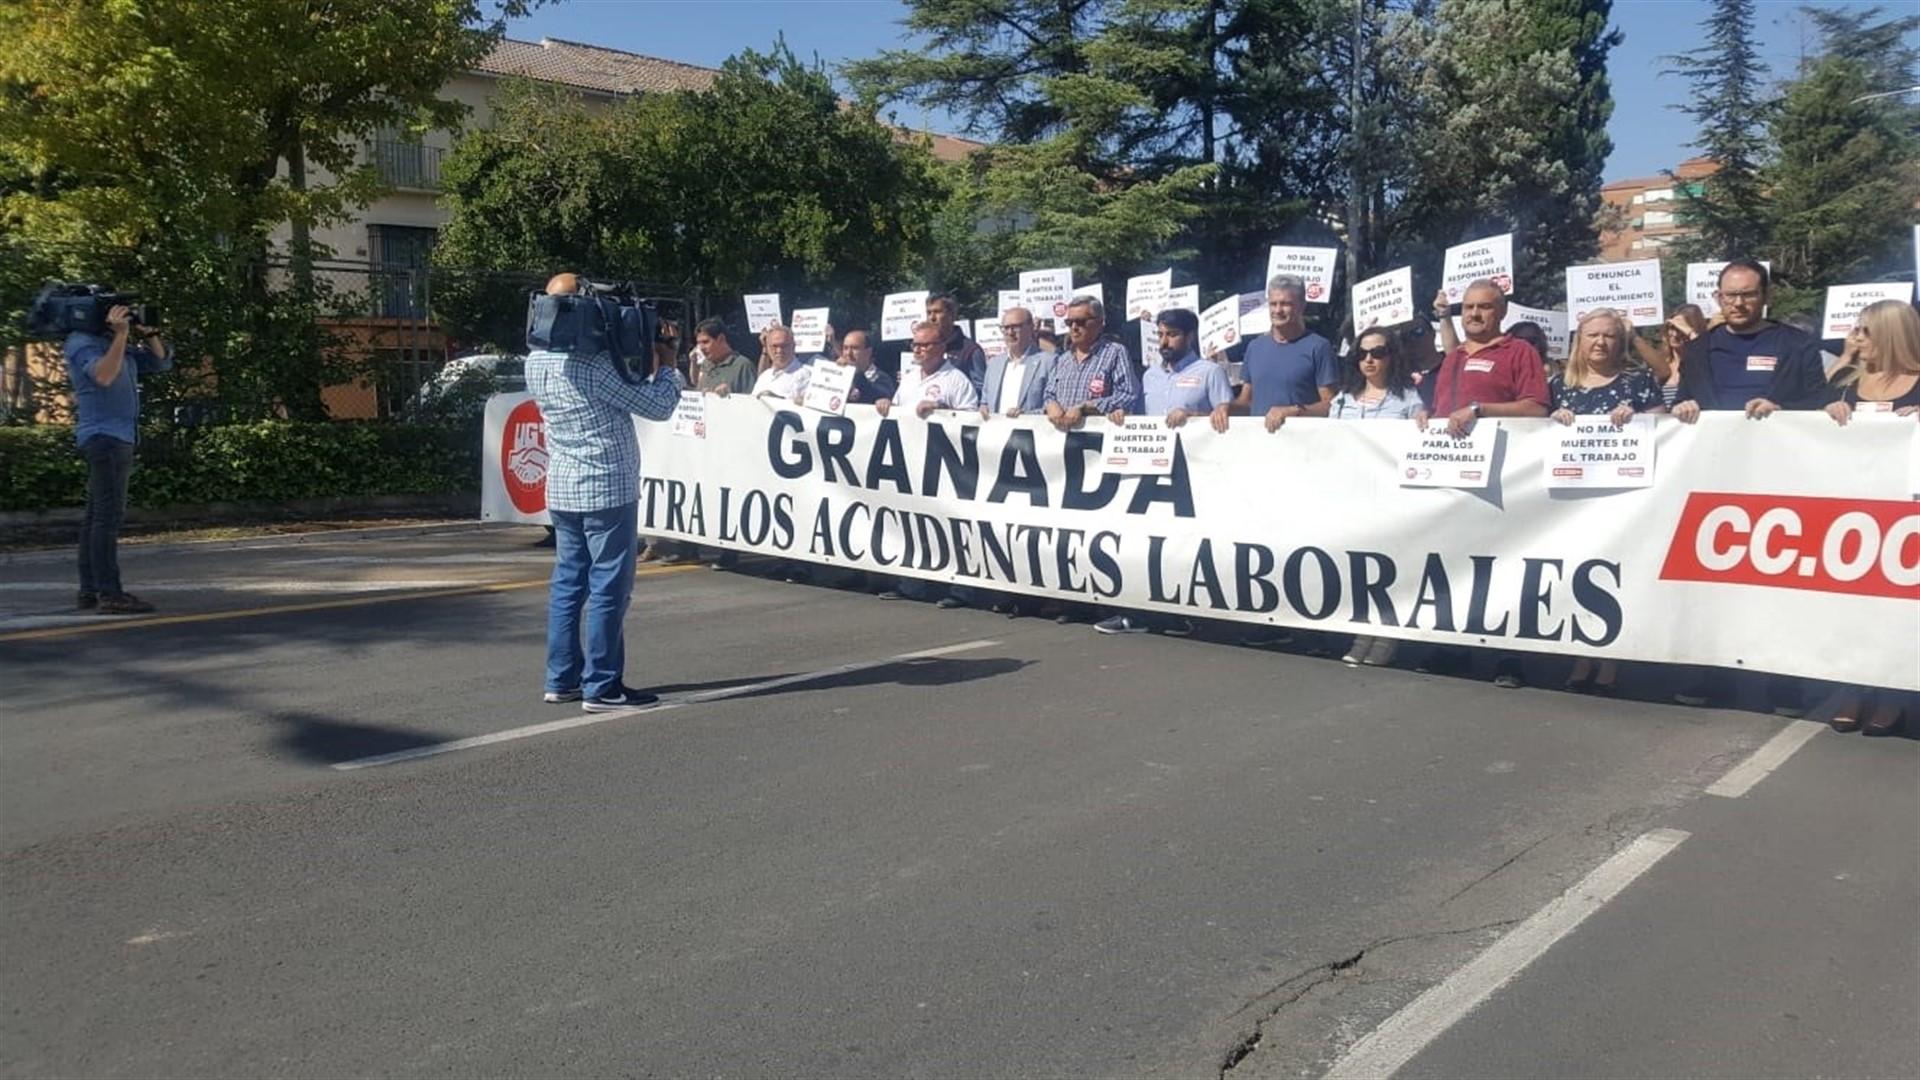 UGT y CCOO piden más medidas de seguridad laboral tras el accidente mortal de Alhendín